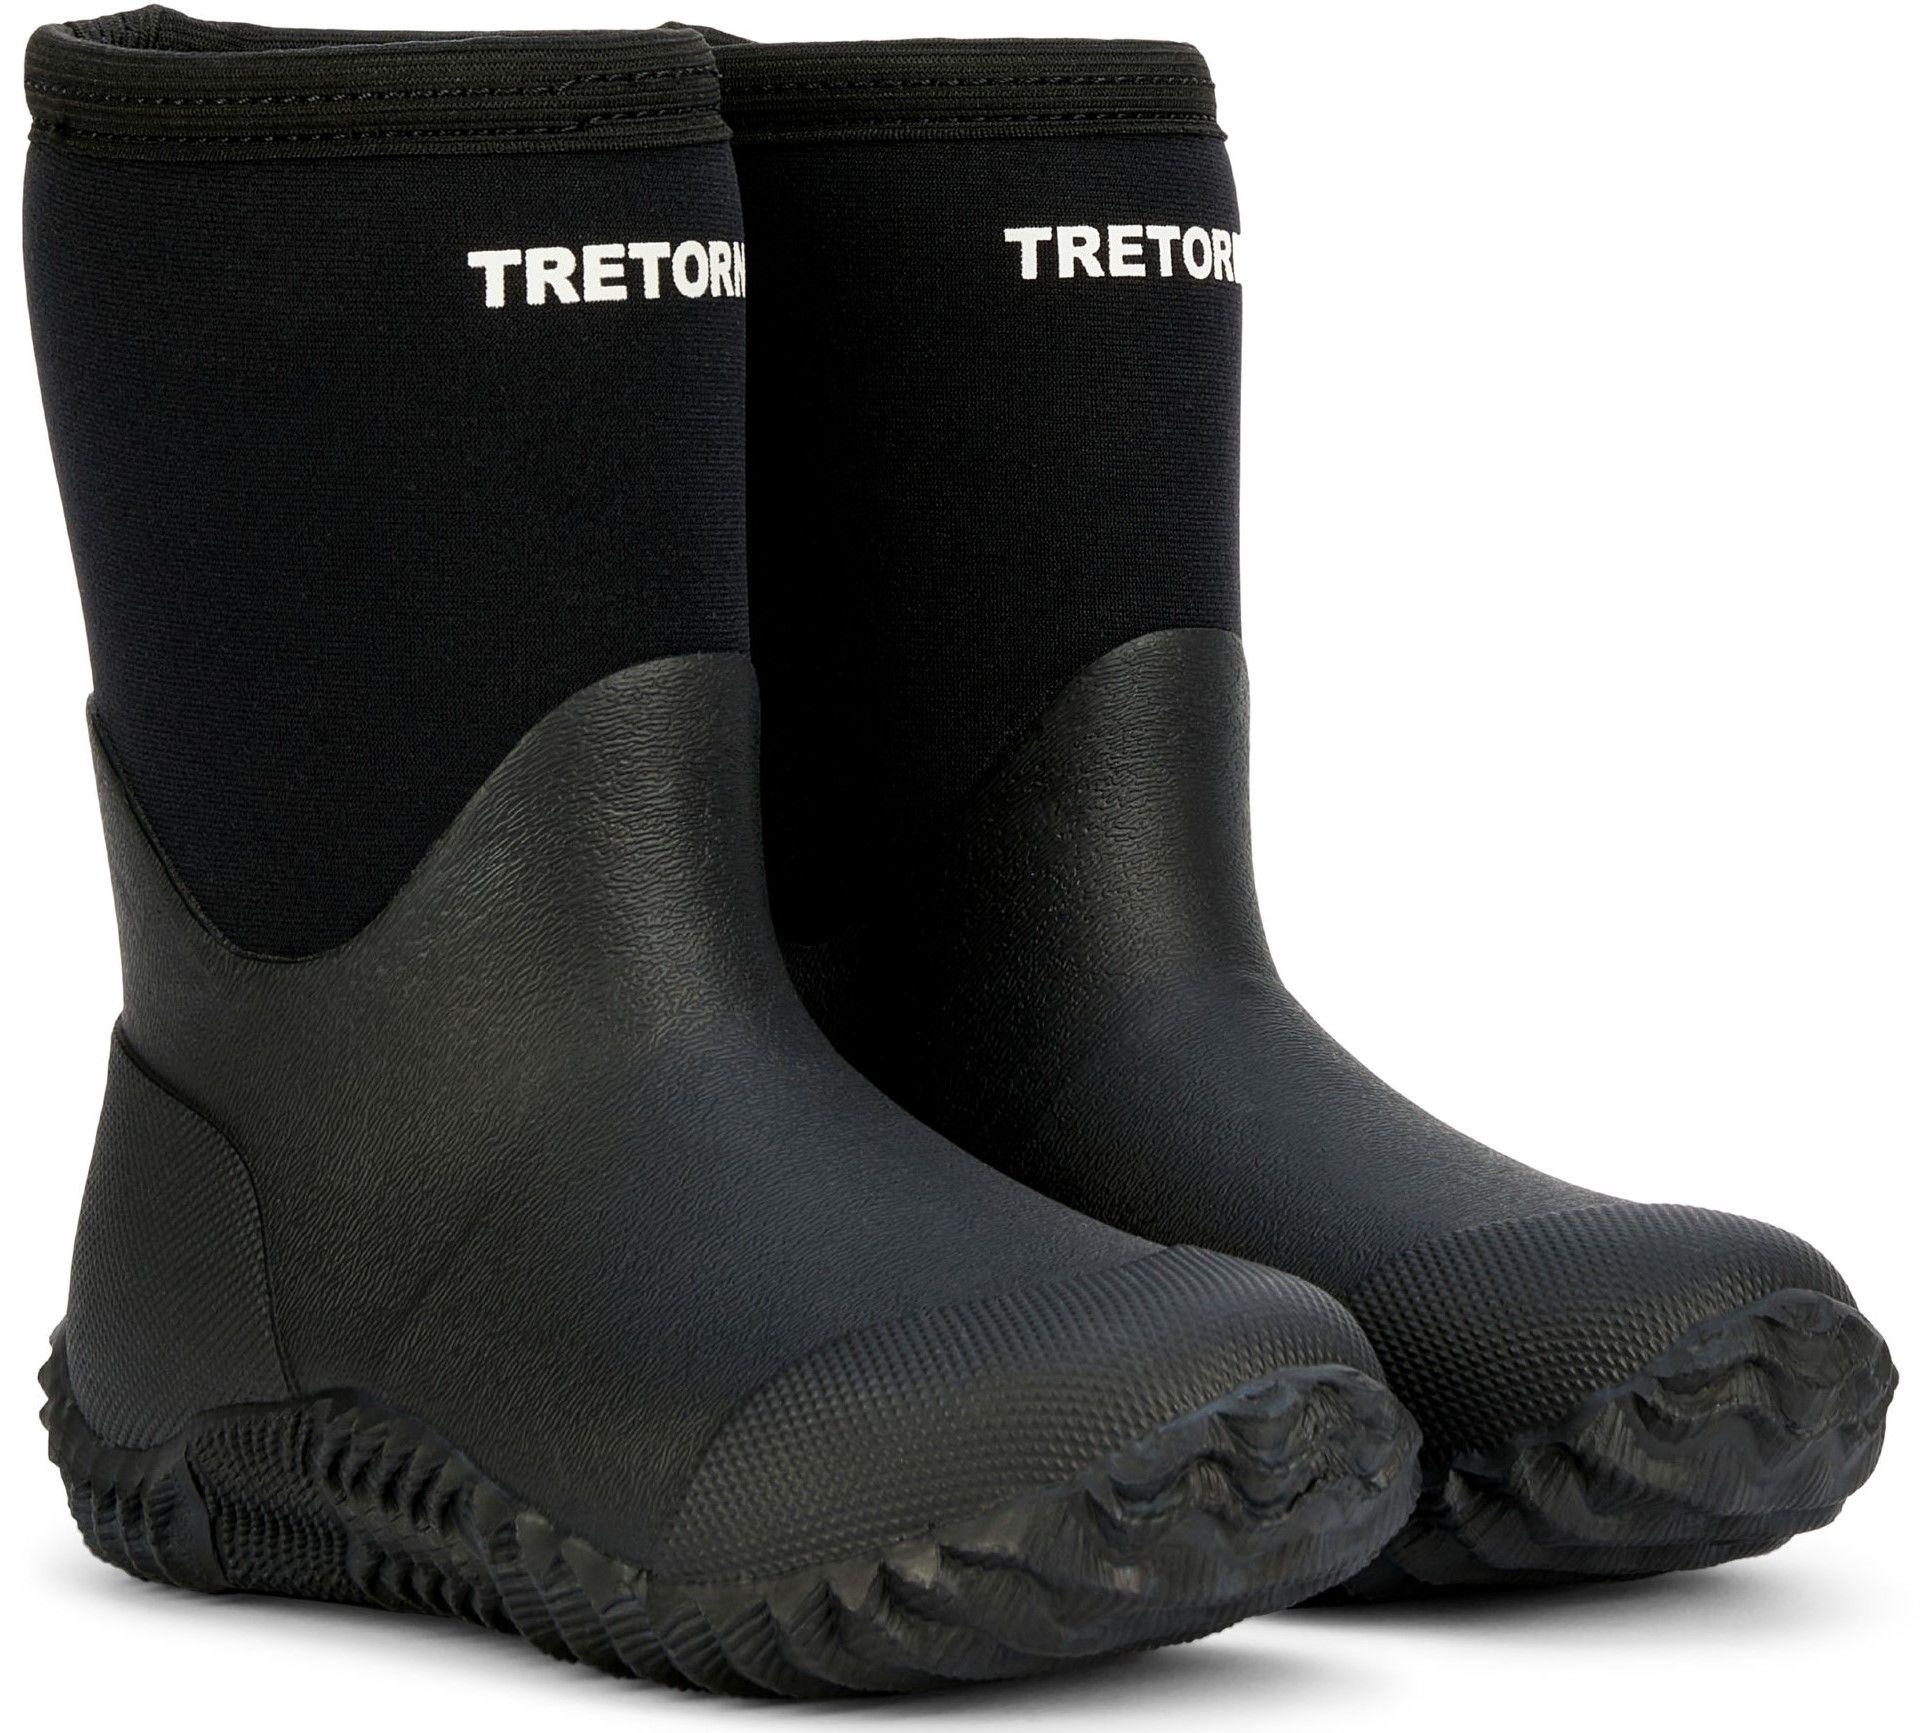 Tretorn Frost Neo Gummistövel, Black, 24